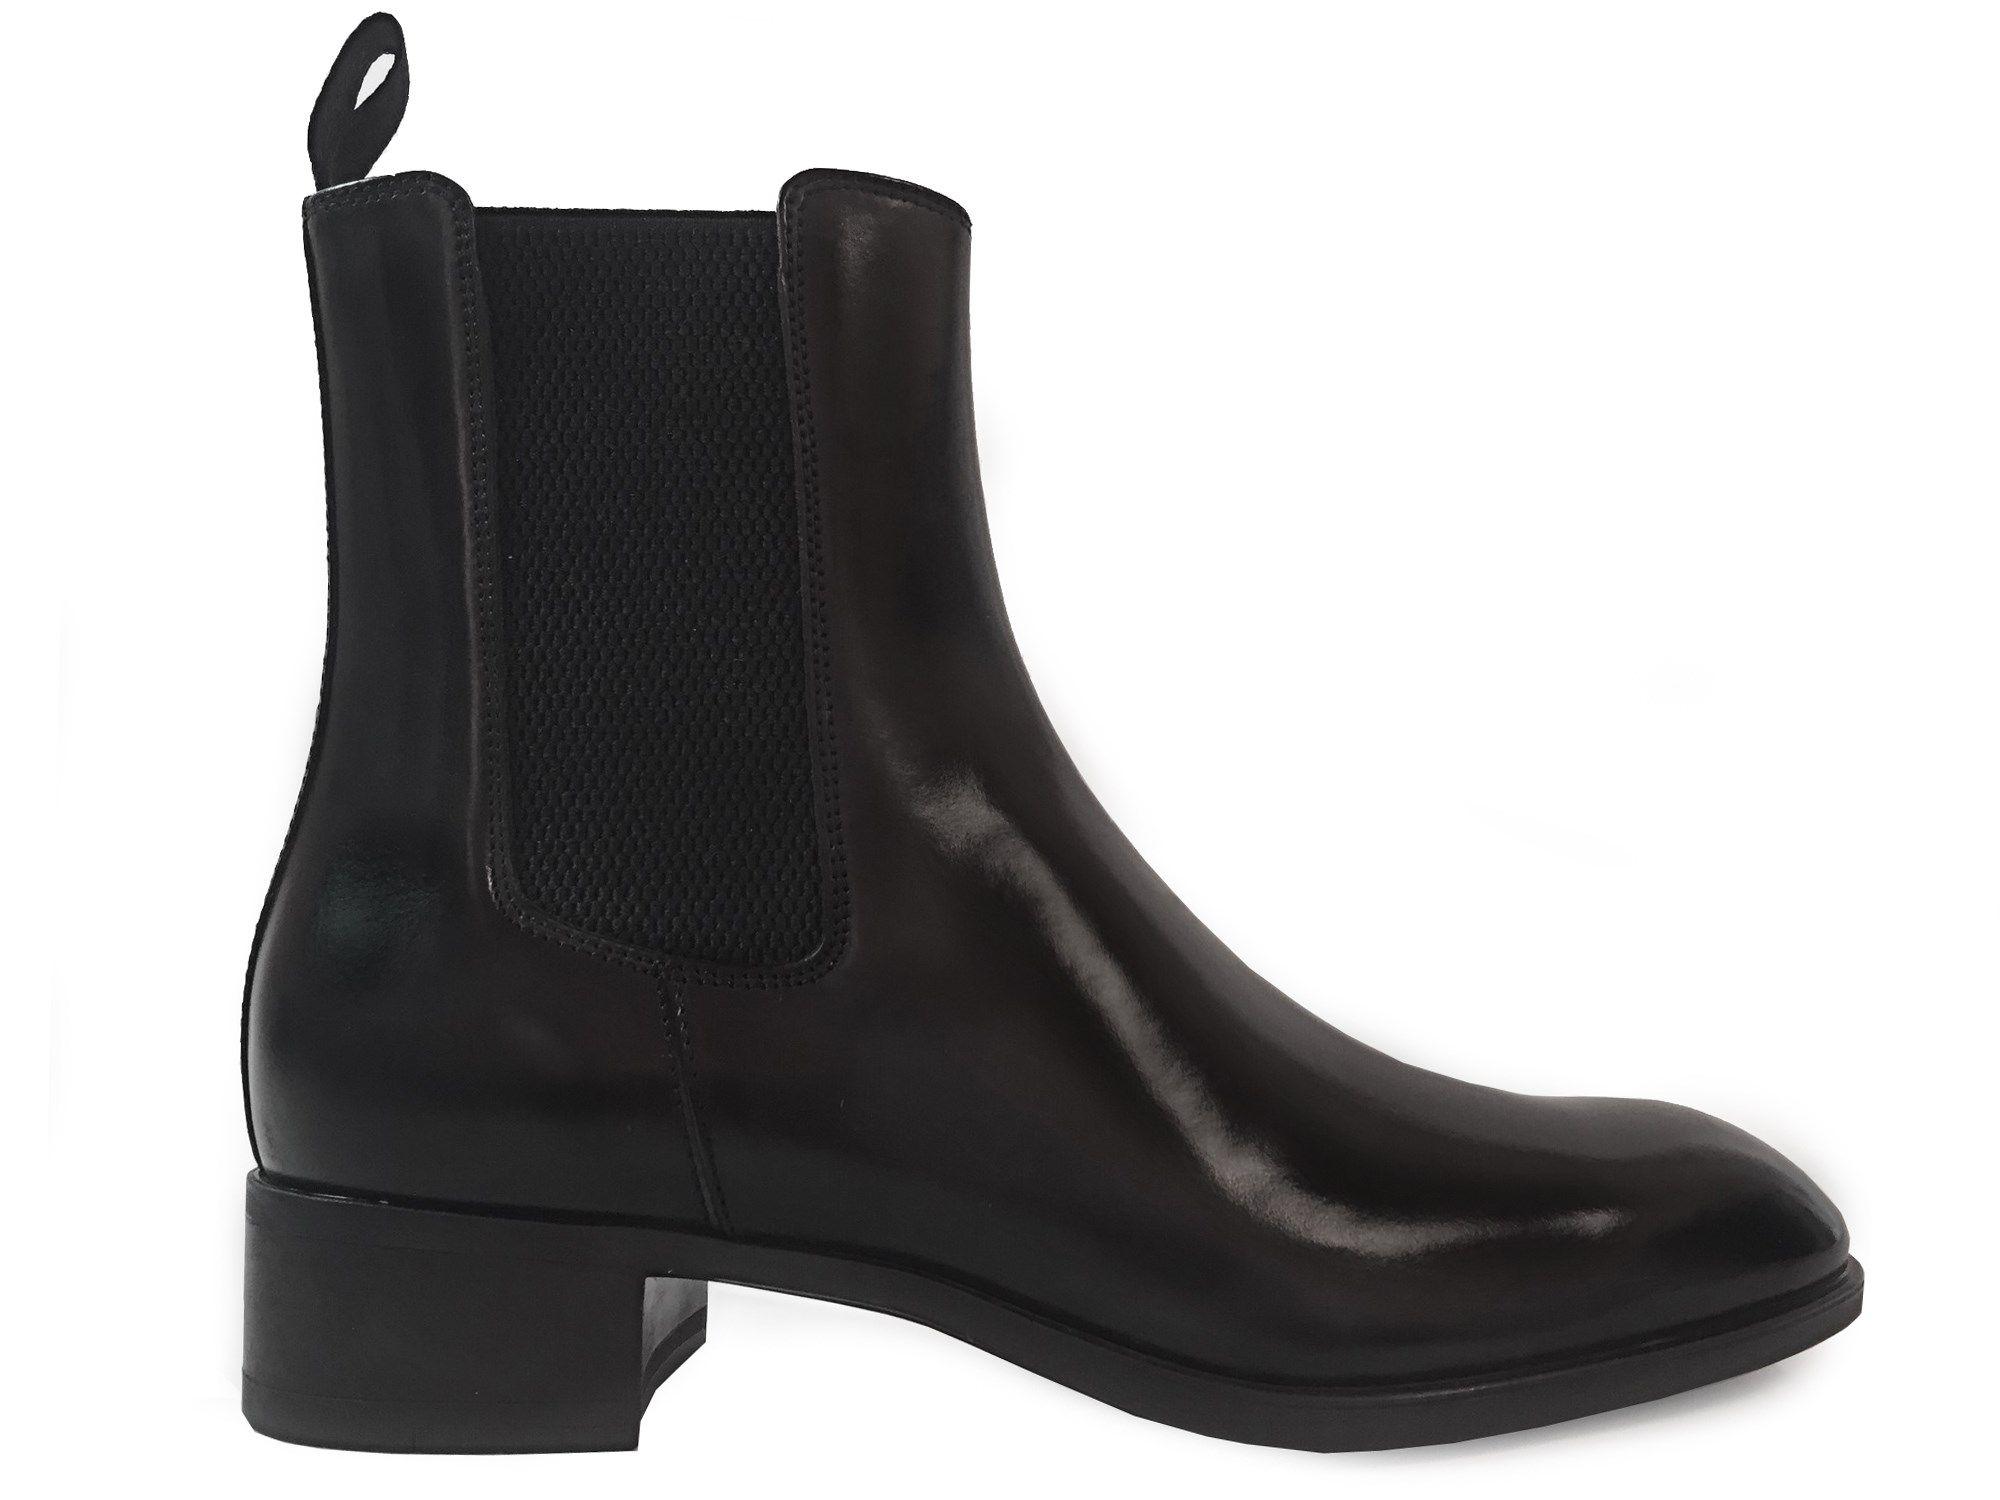 29126b85761f7 Boots Santoni - Elody en cuir patiné noir   Collection A H 16 ...